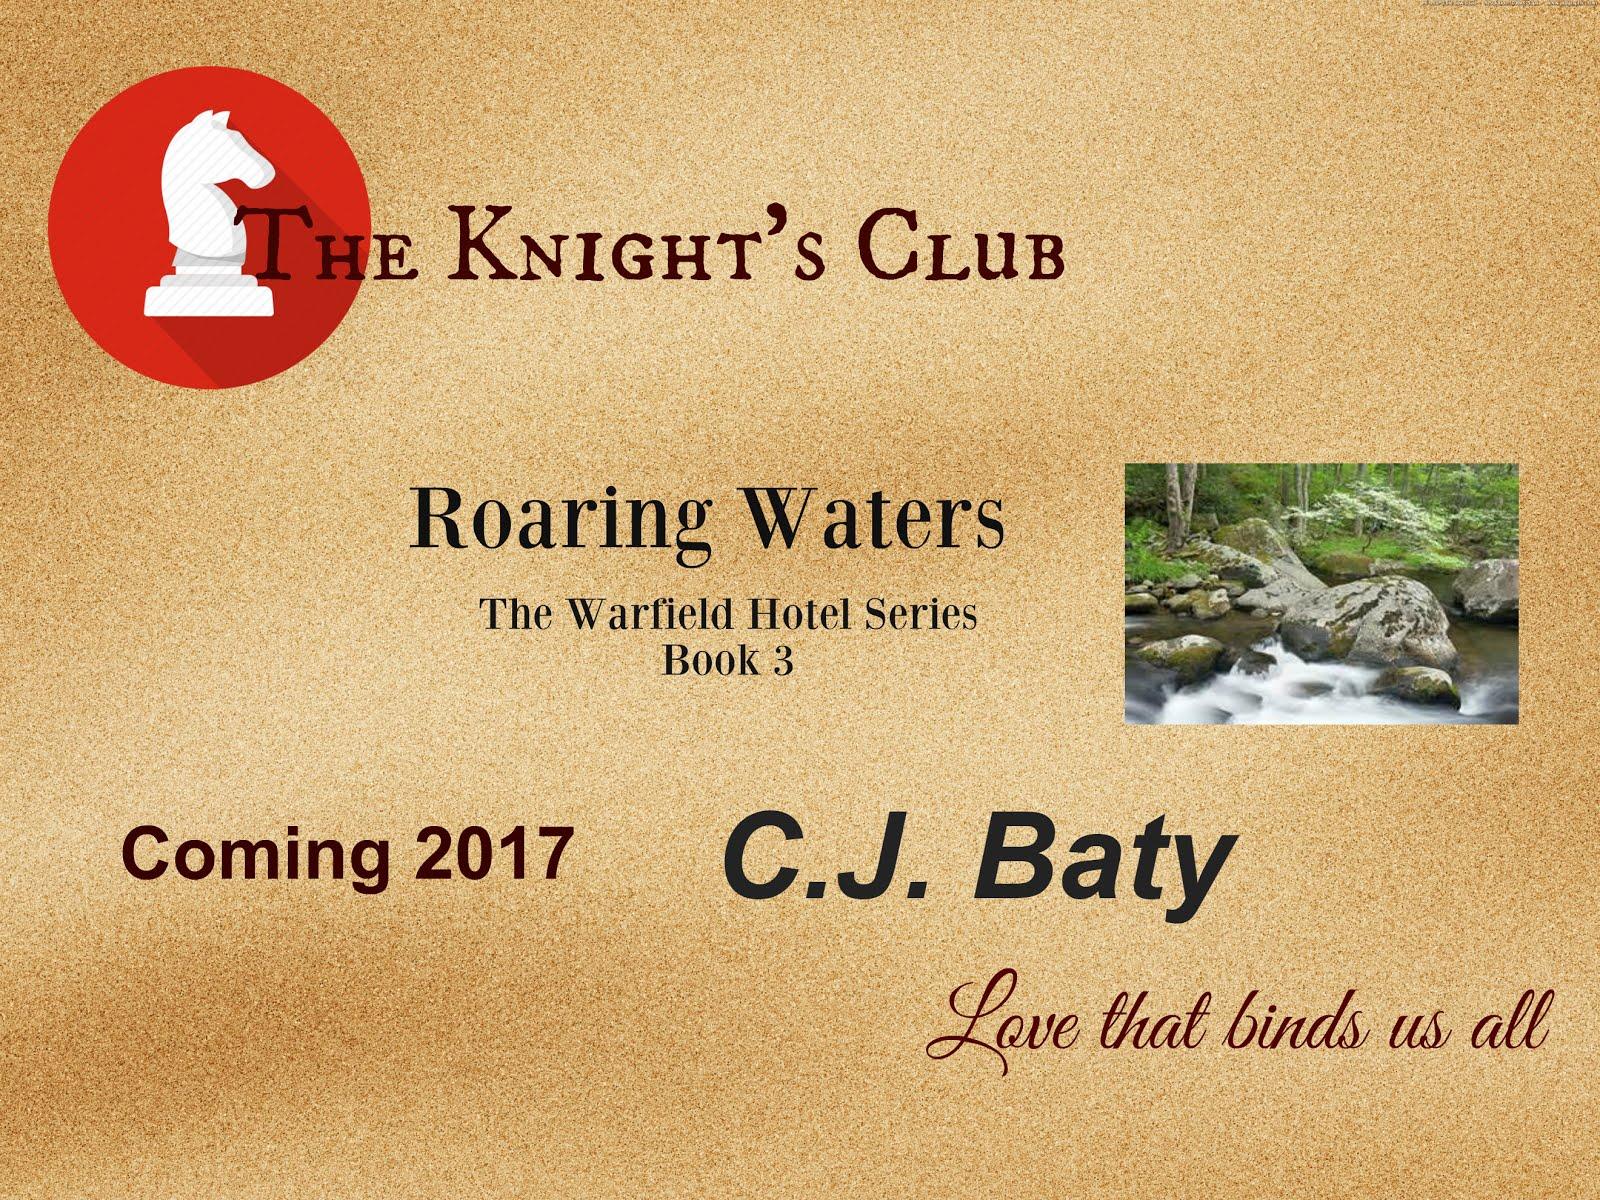 CJ Baty